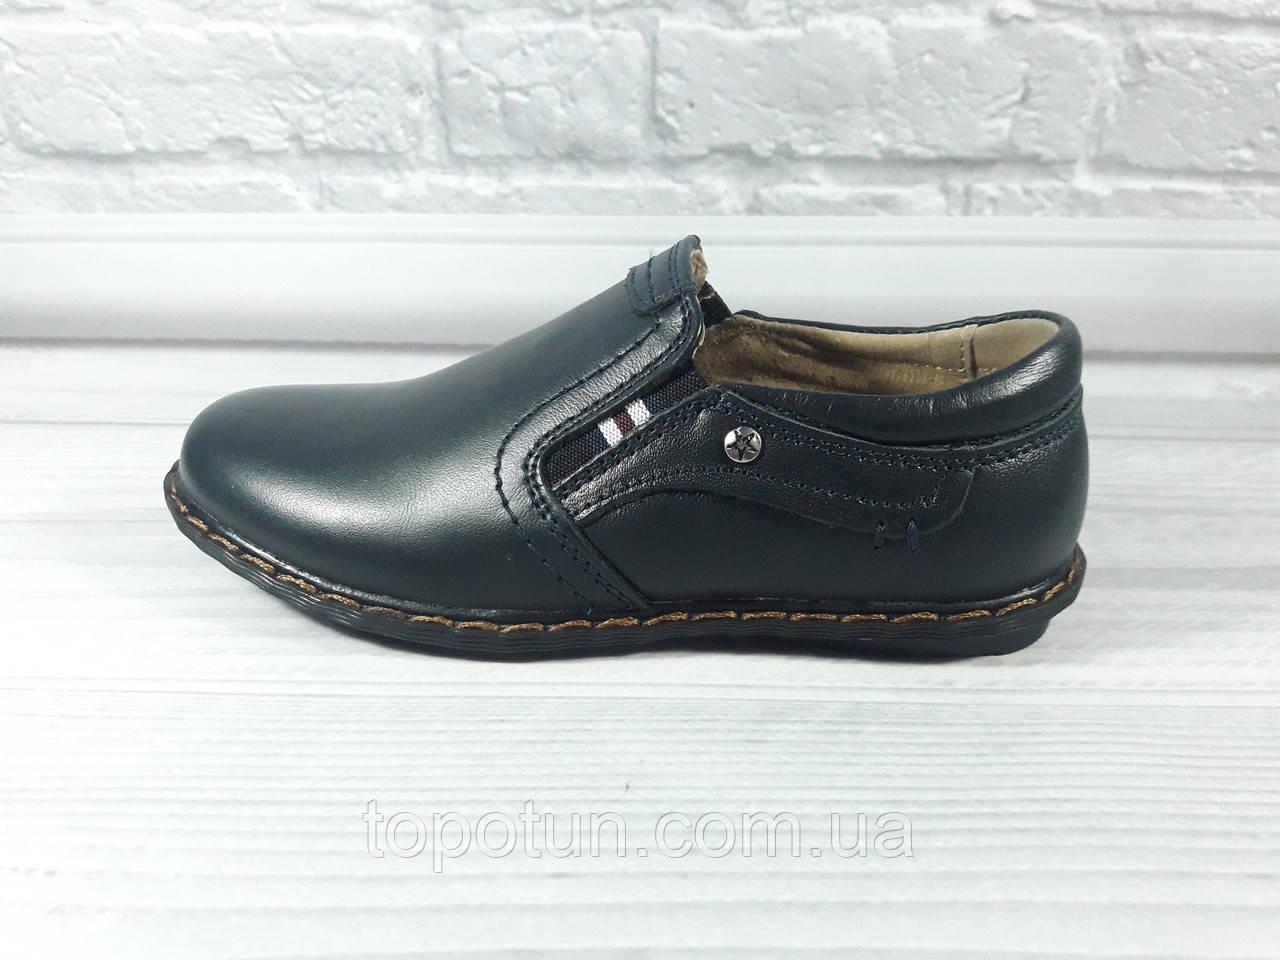 """Школьные туфли для мальчика """"Kangfu"""" кожаные Размер: 27,28,29,31"""